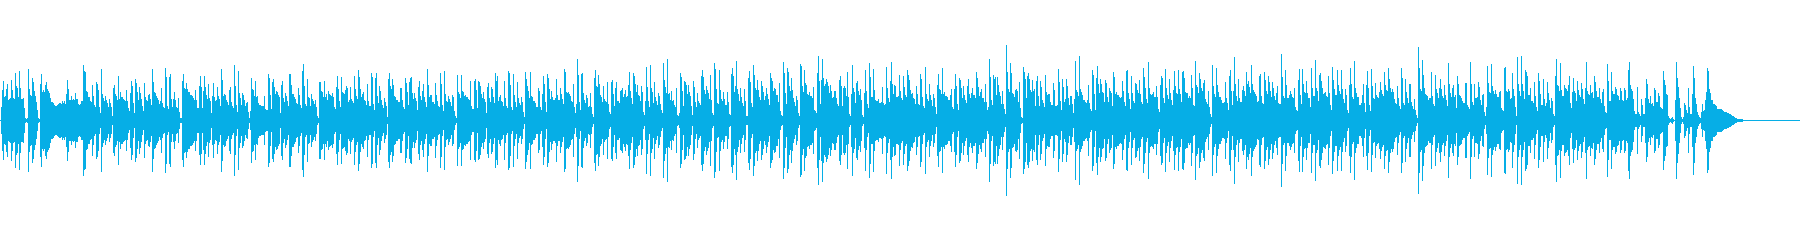 【メロなし】爽やかアコースティックボッサの再生済みの波形